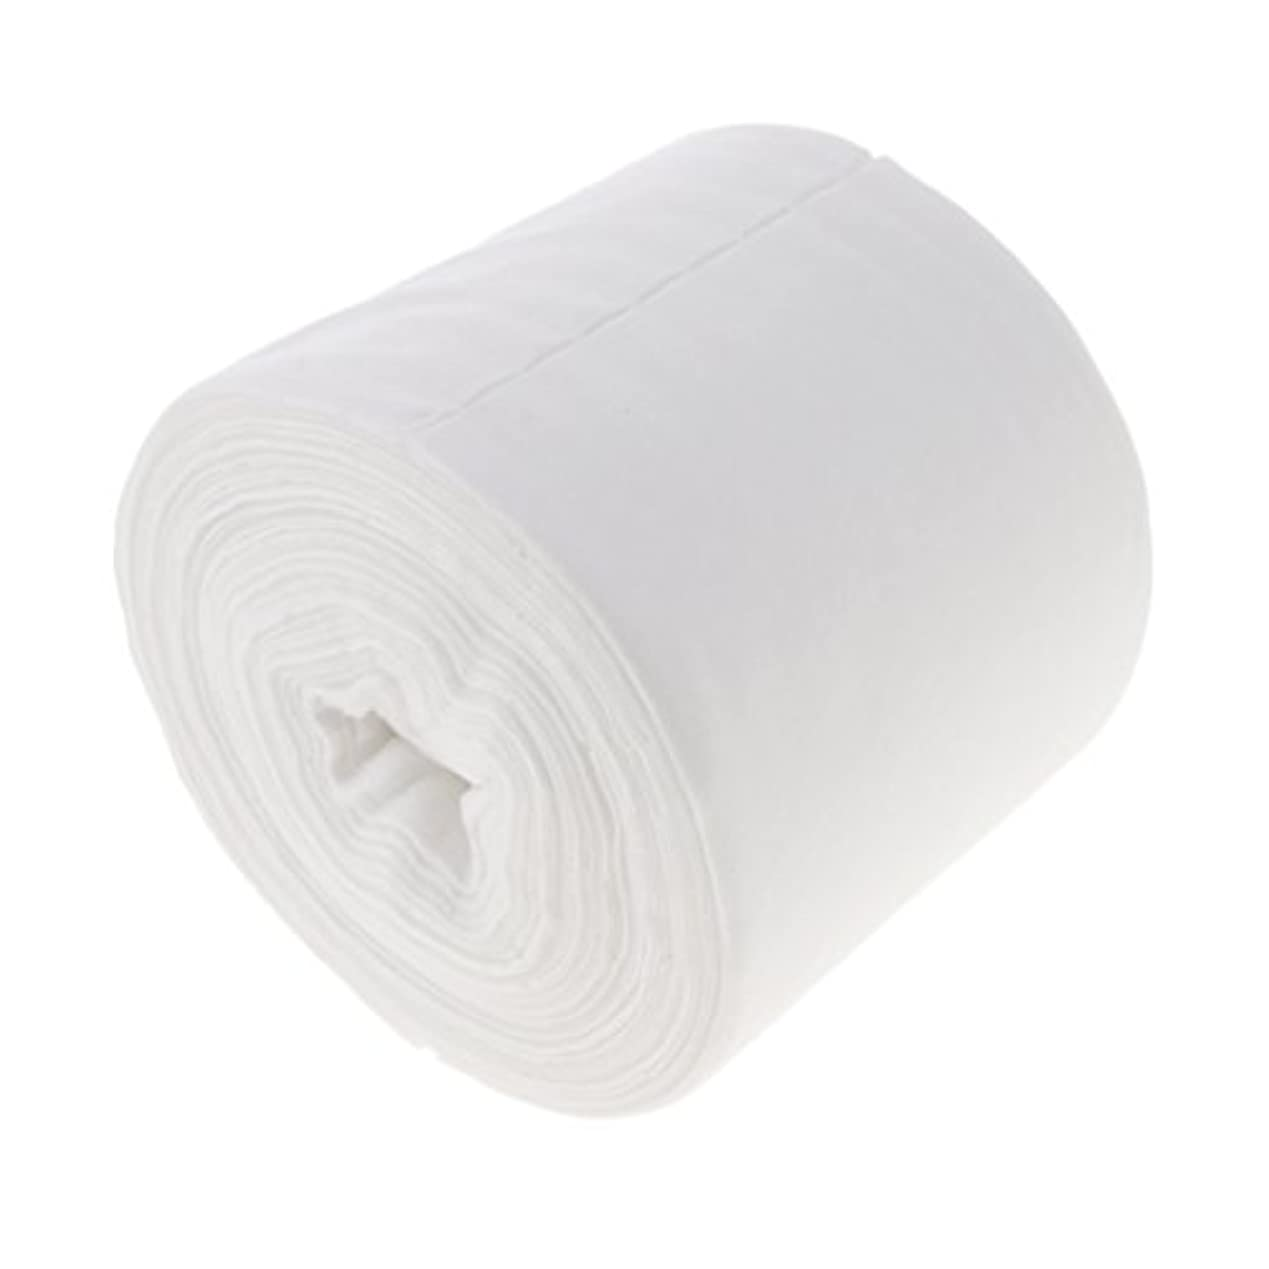 おじさん計算可能レジデンス洗顔 クリーニング タオル 使い捨て 顔用タオル 便利 旅行 来客用